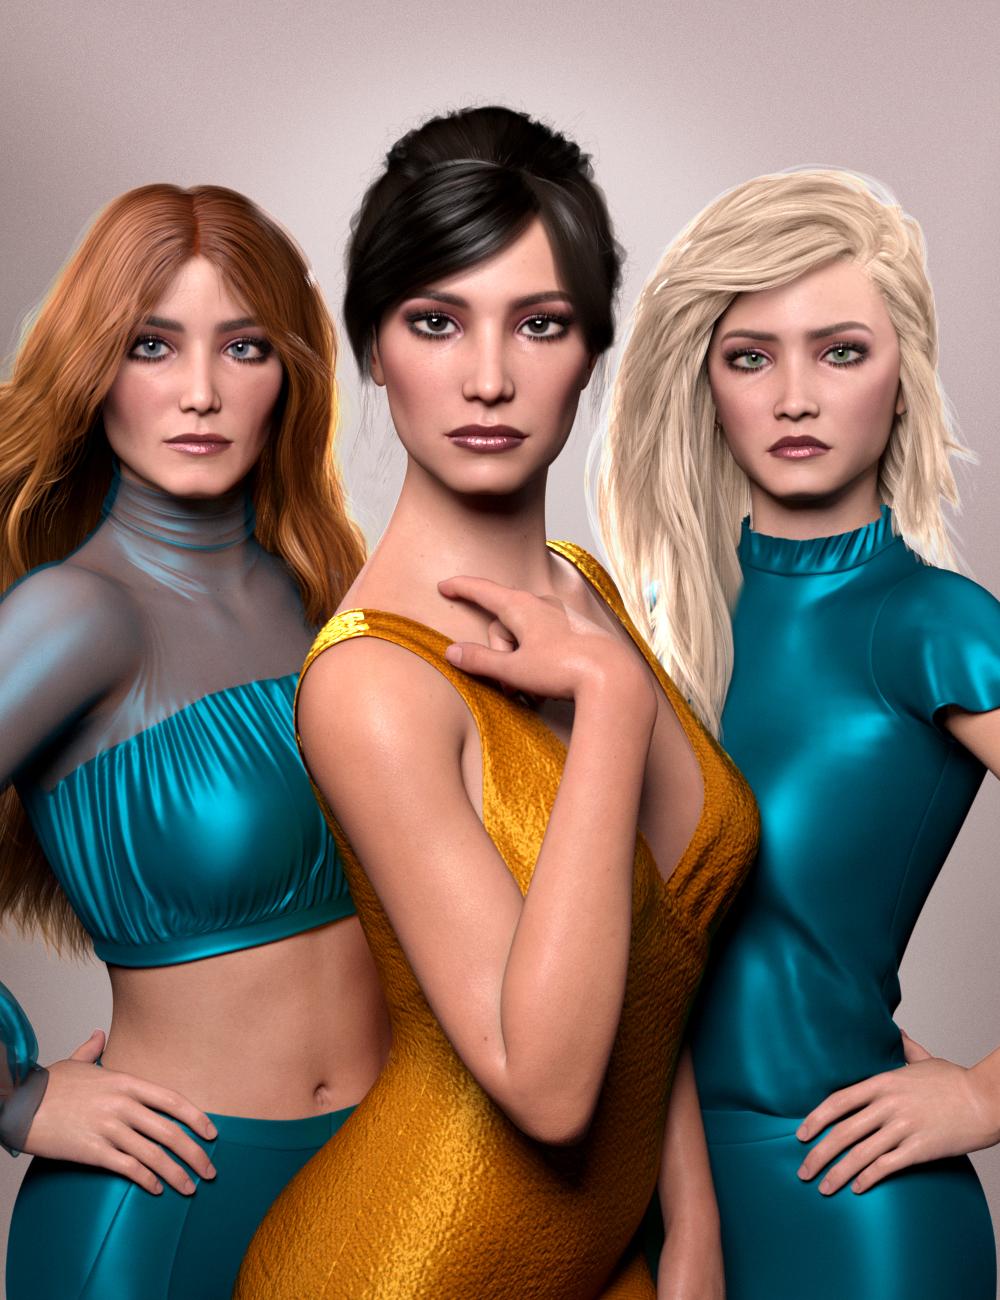 AHArt Unique Faces for Genesis 8.1 by: AHArt, 3D Models by Daz 3D